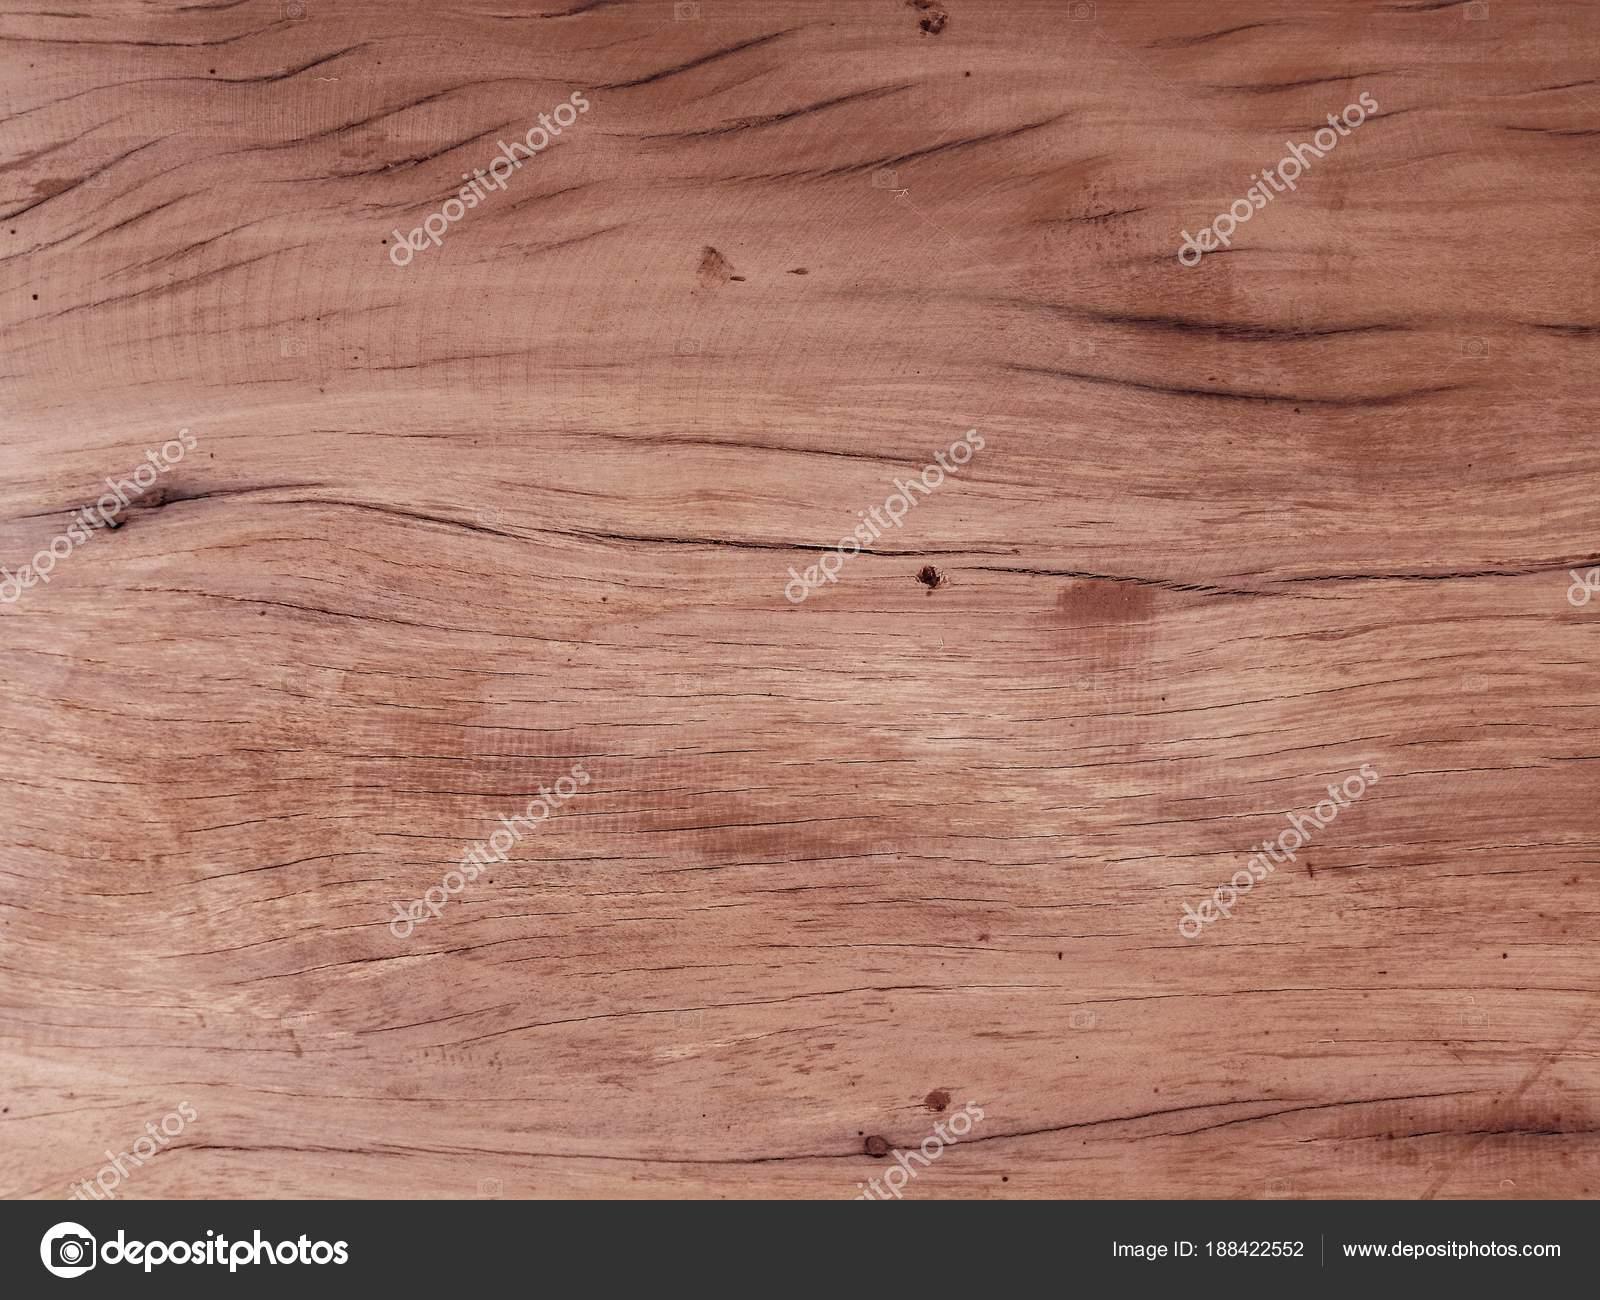 holzbrett natur awesome kostenlose foto natur post tafel jahrgang korn retro planke stock alt. Black Bedroom Furniture Sets. Home Design Ideas